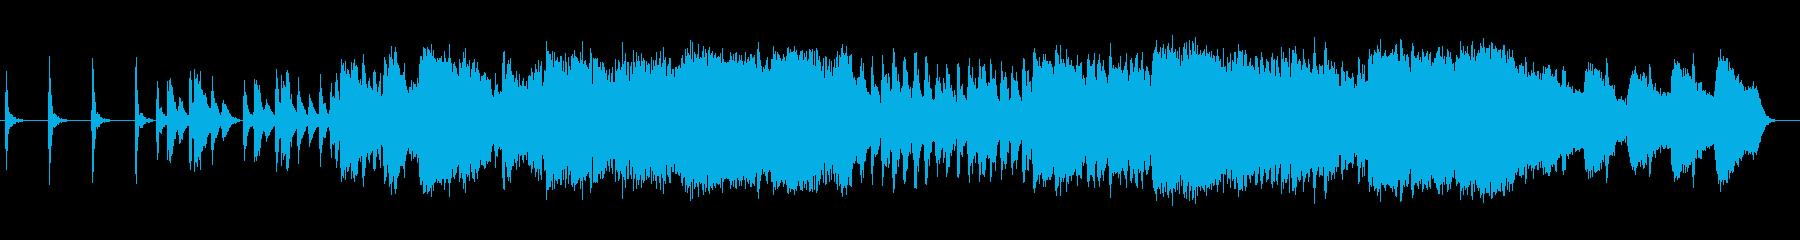 切ない和風シンセサイザーサウンドの再生済みの波形